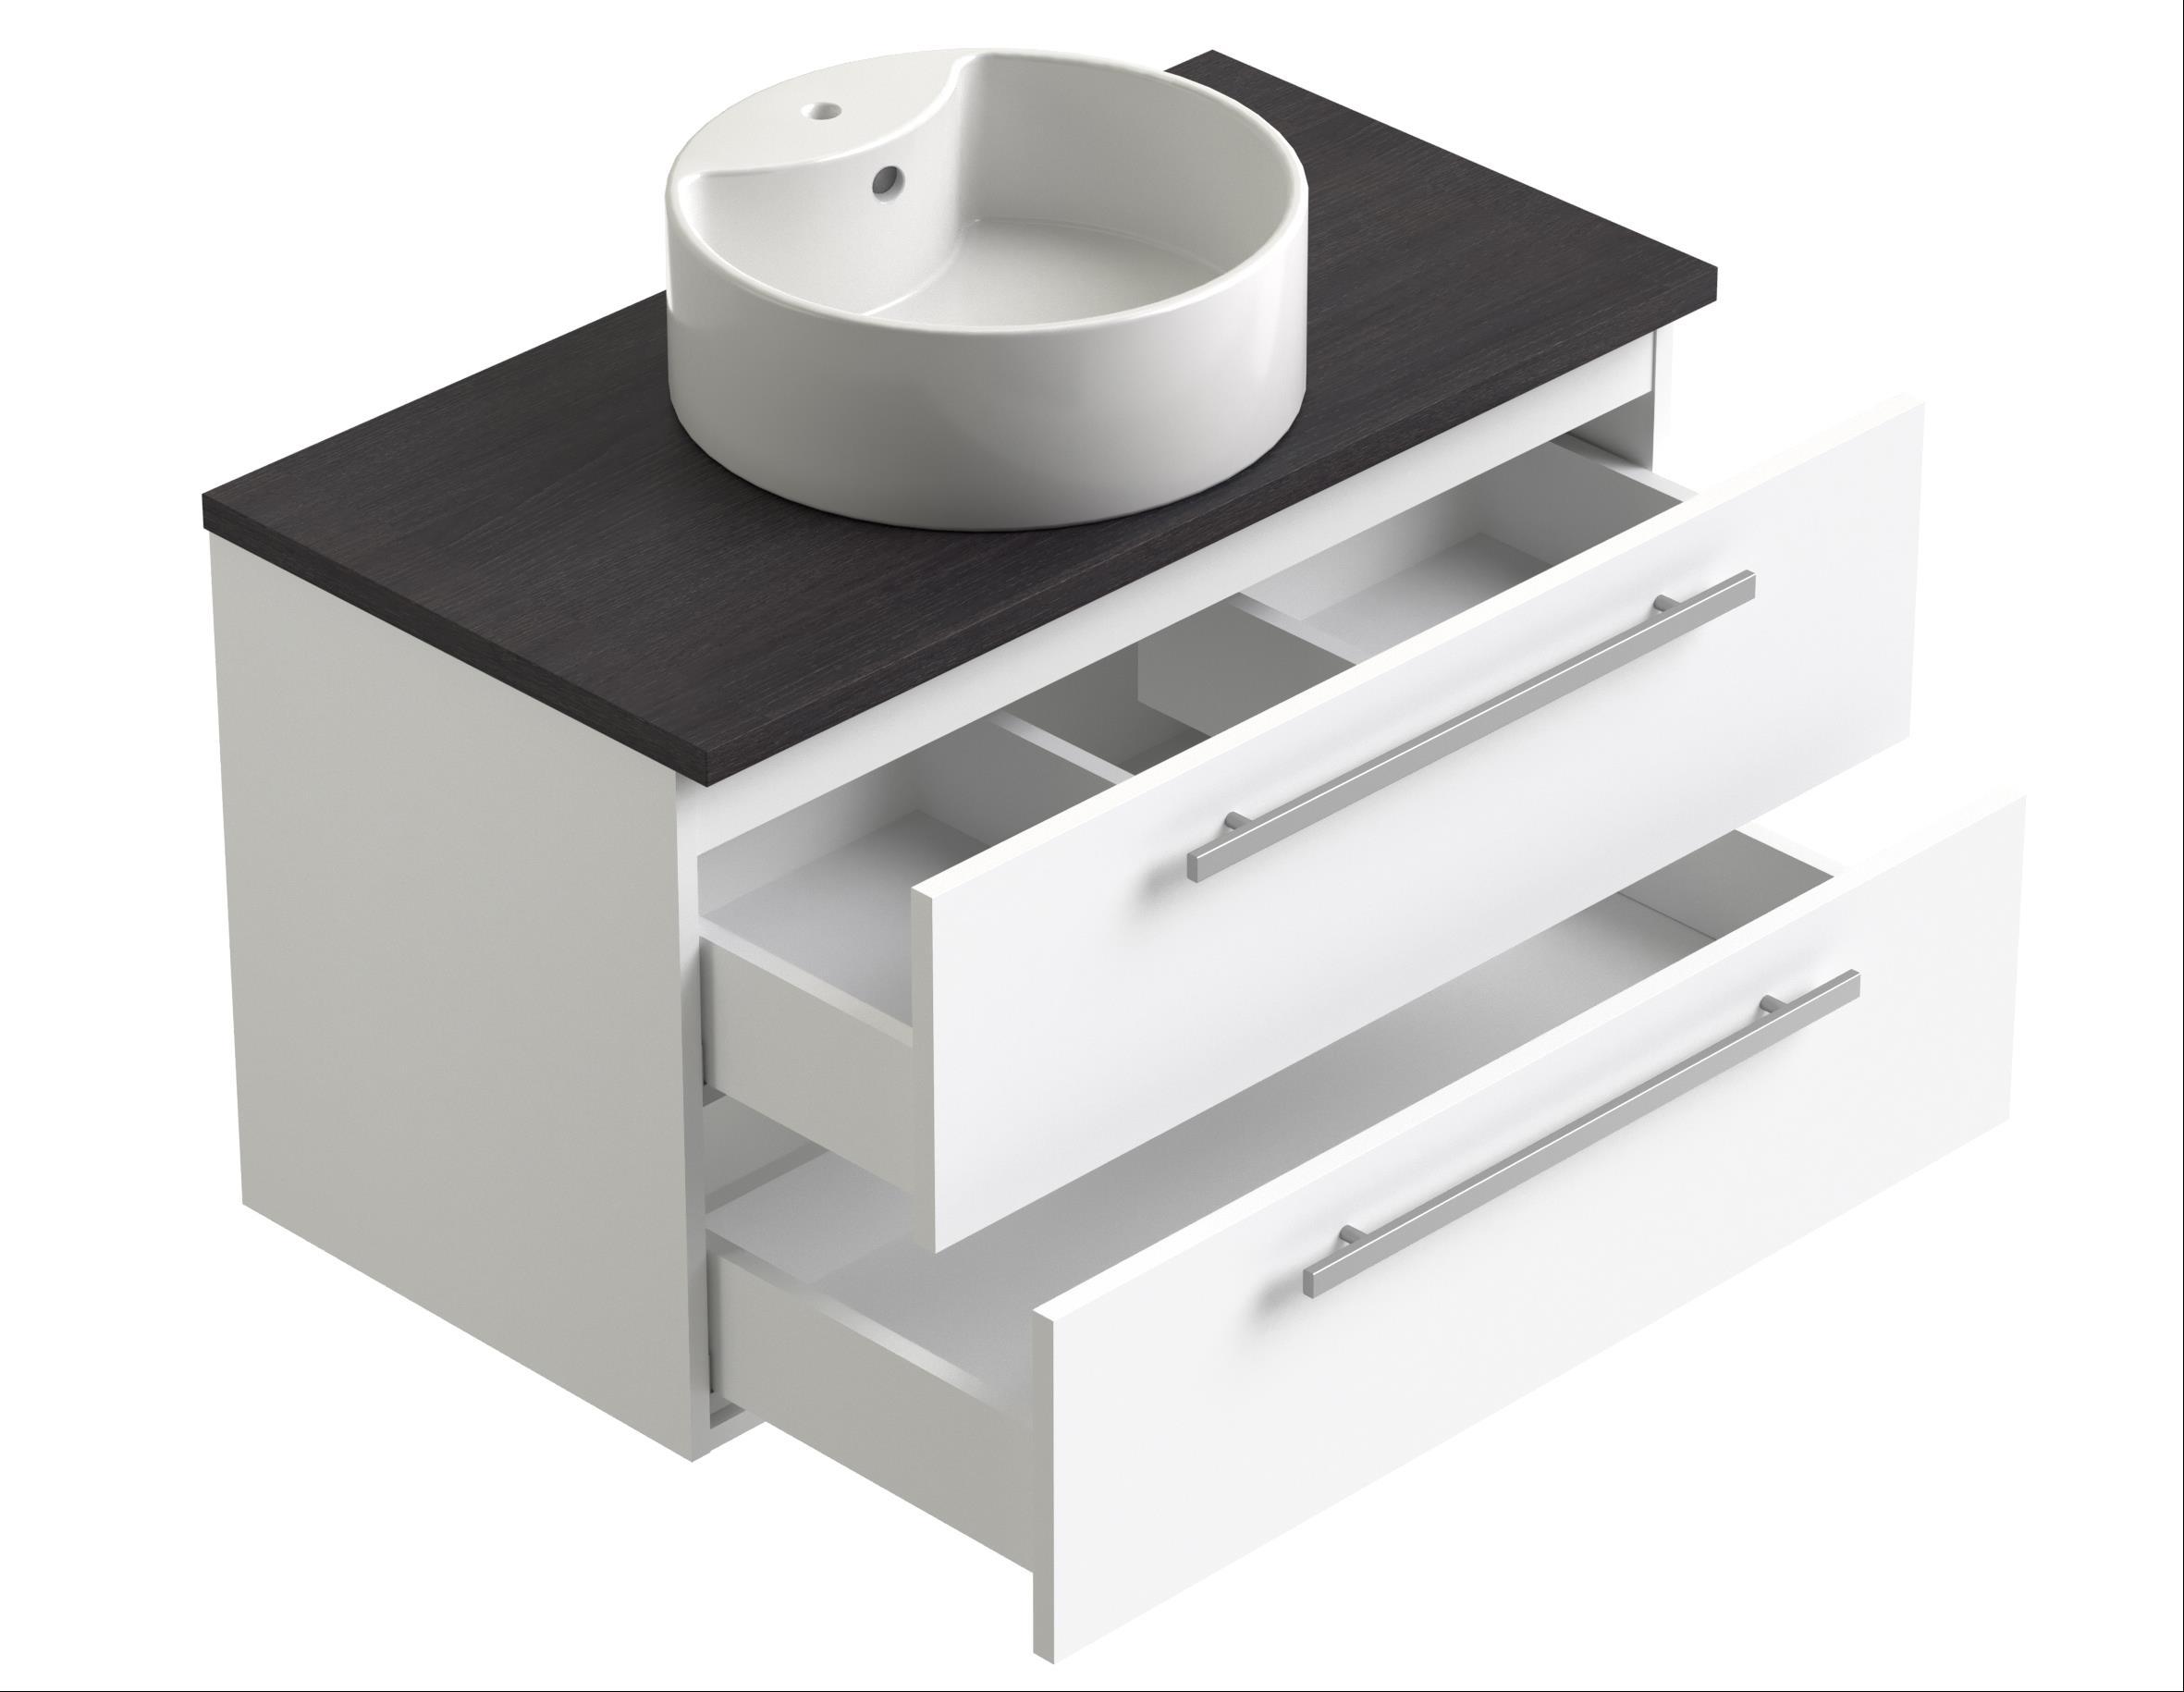 Bad Waschtischunterschrank mit Waschtischplatte und eckigem Aufsatzbecken Serena 90 Eiche schwarz Bild 3